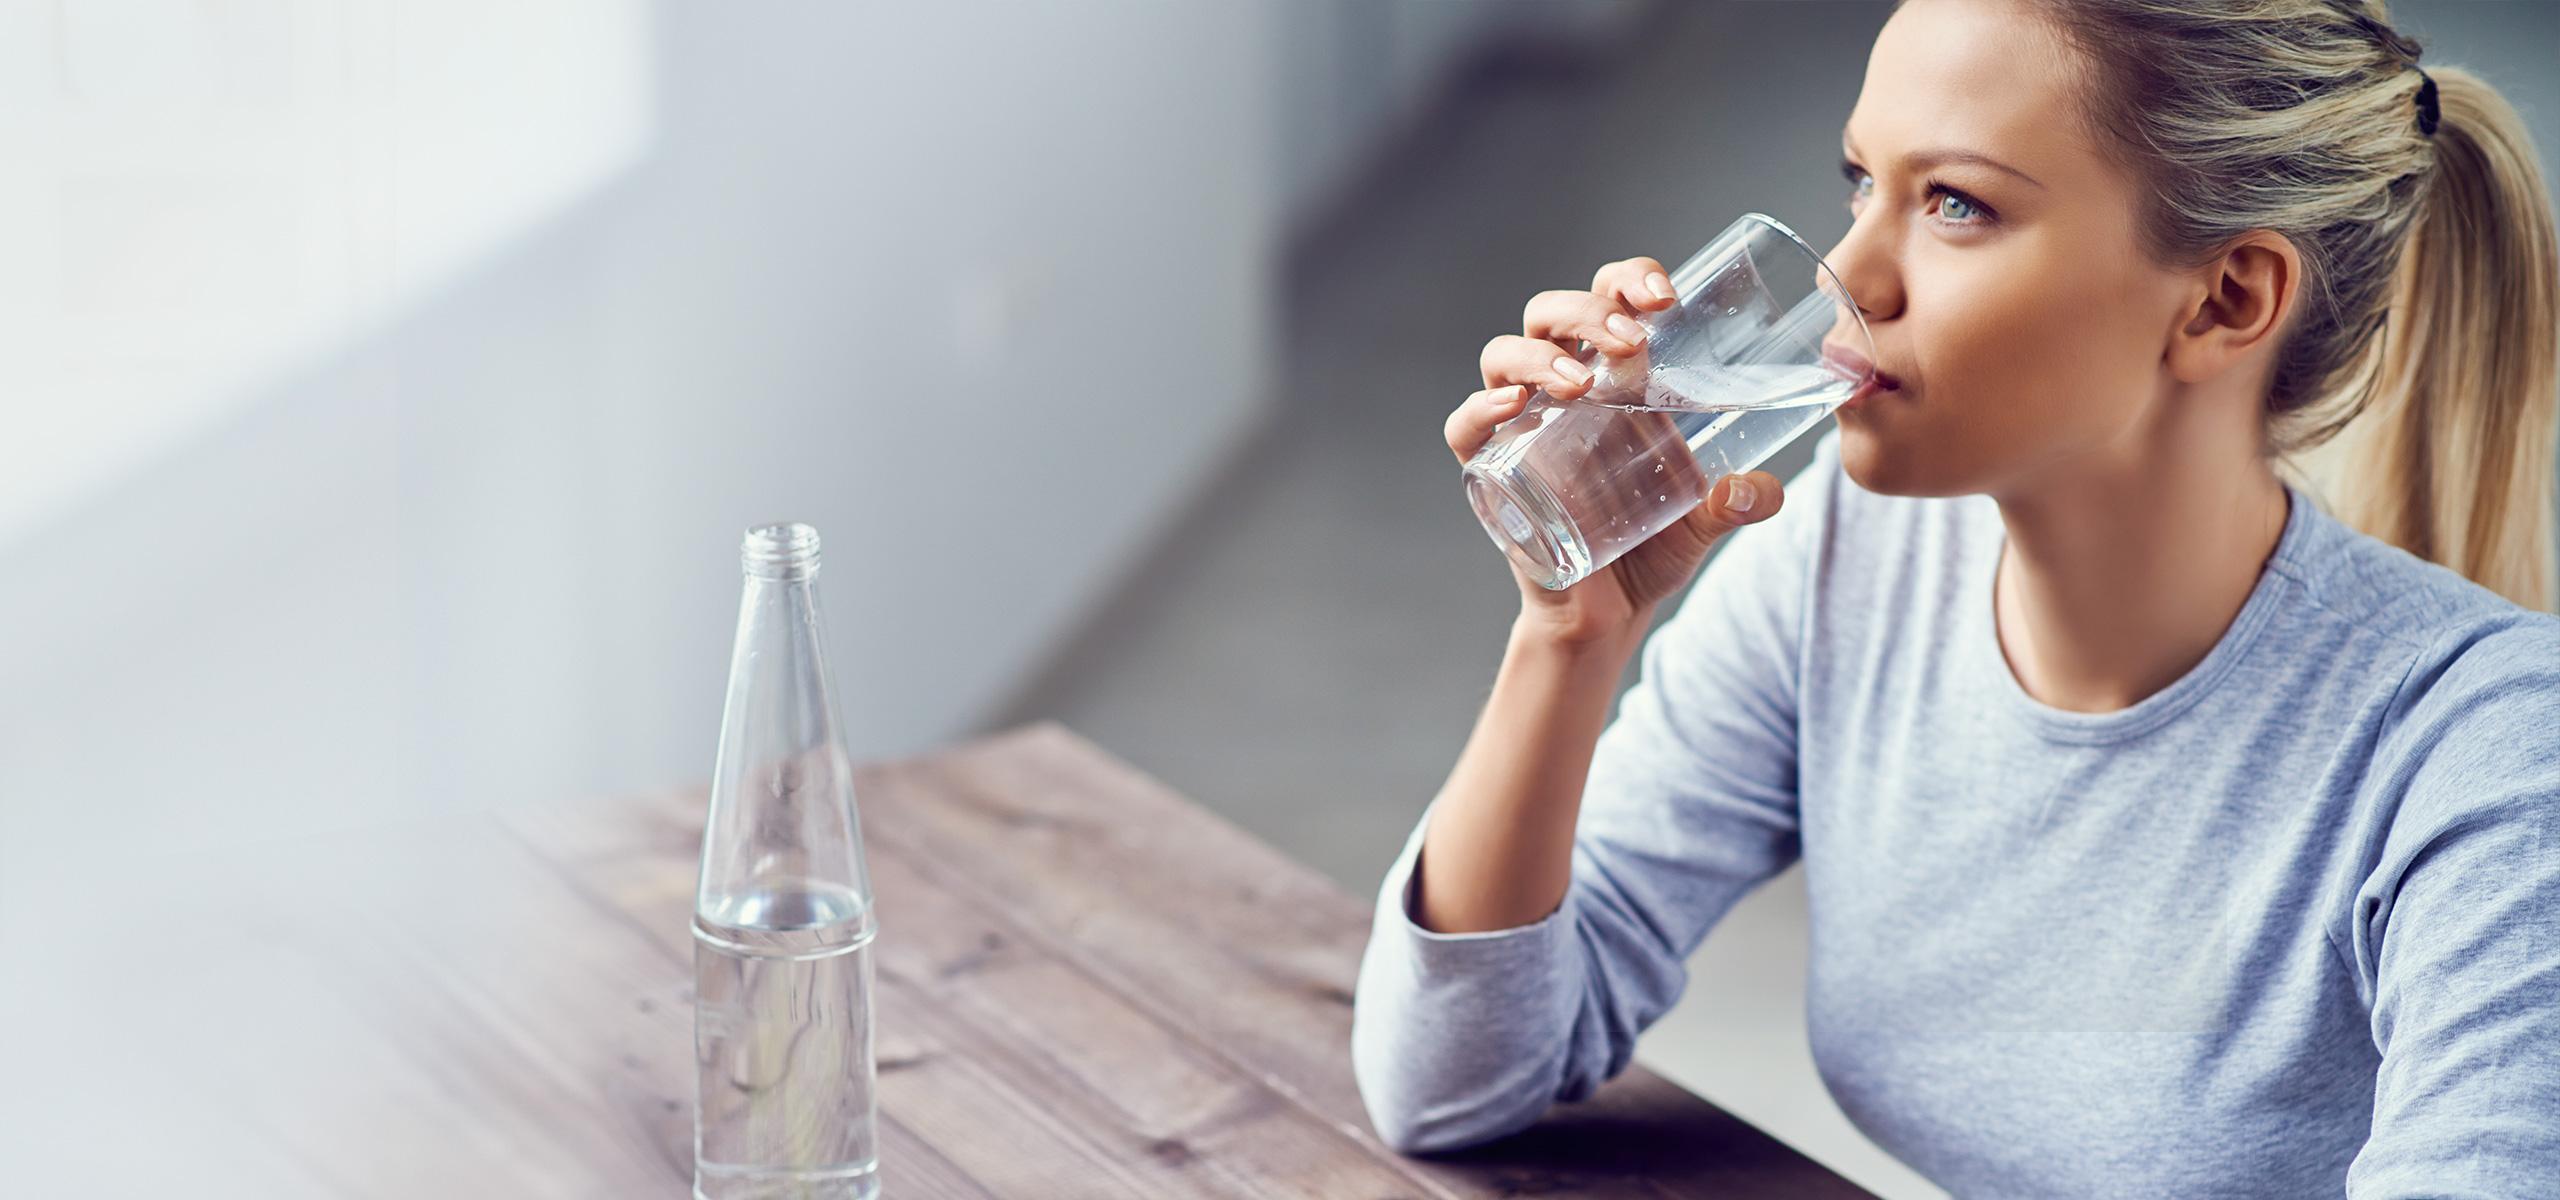 BRITA persönlicher Wasserbedarf Frau trinkt